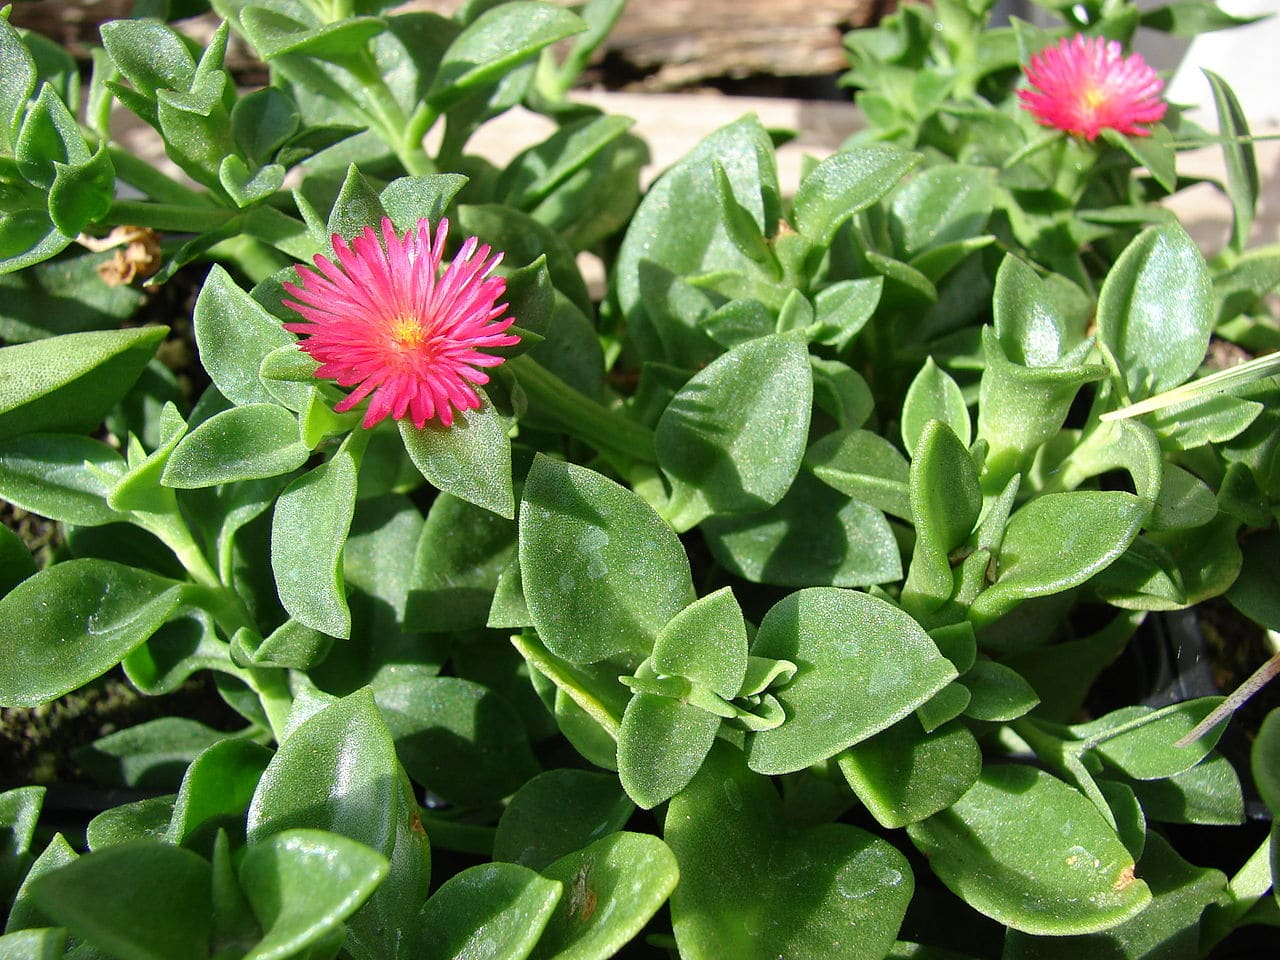 La Aptenia florece durante buena parte del año